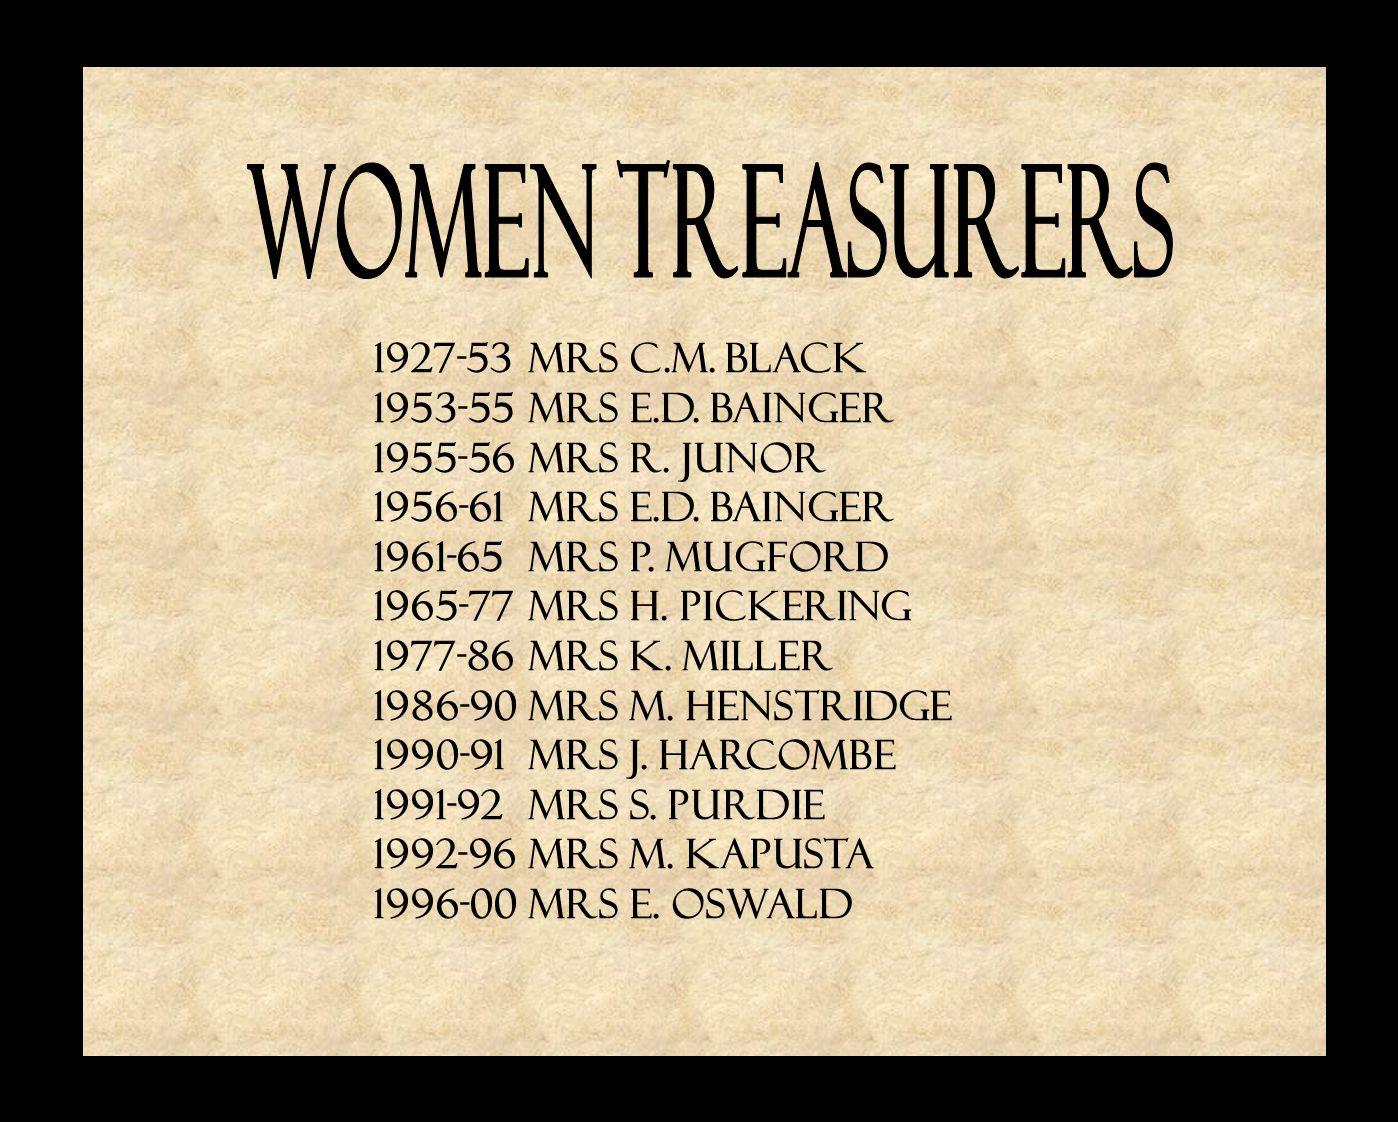 1927-53 MRS C.M. BLACK 1953-55 MRS E.D. BAINGER 1955-56 MRS R. JUNOR 1956-61 MRS E.D. BAINGER 1961-65 MRS P. MUGFORD 1965-77 MRS H. PICKERING 1977-86